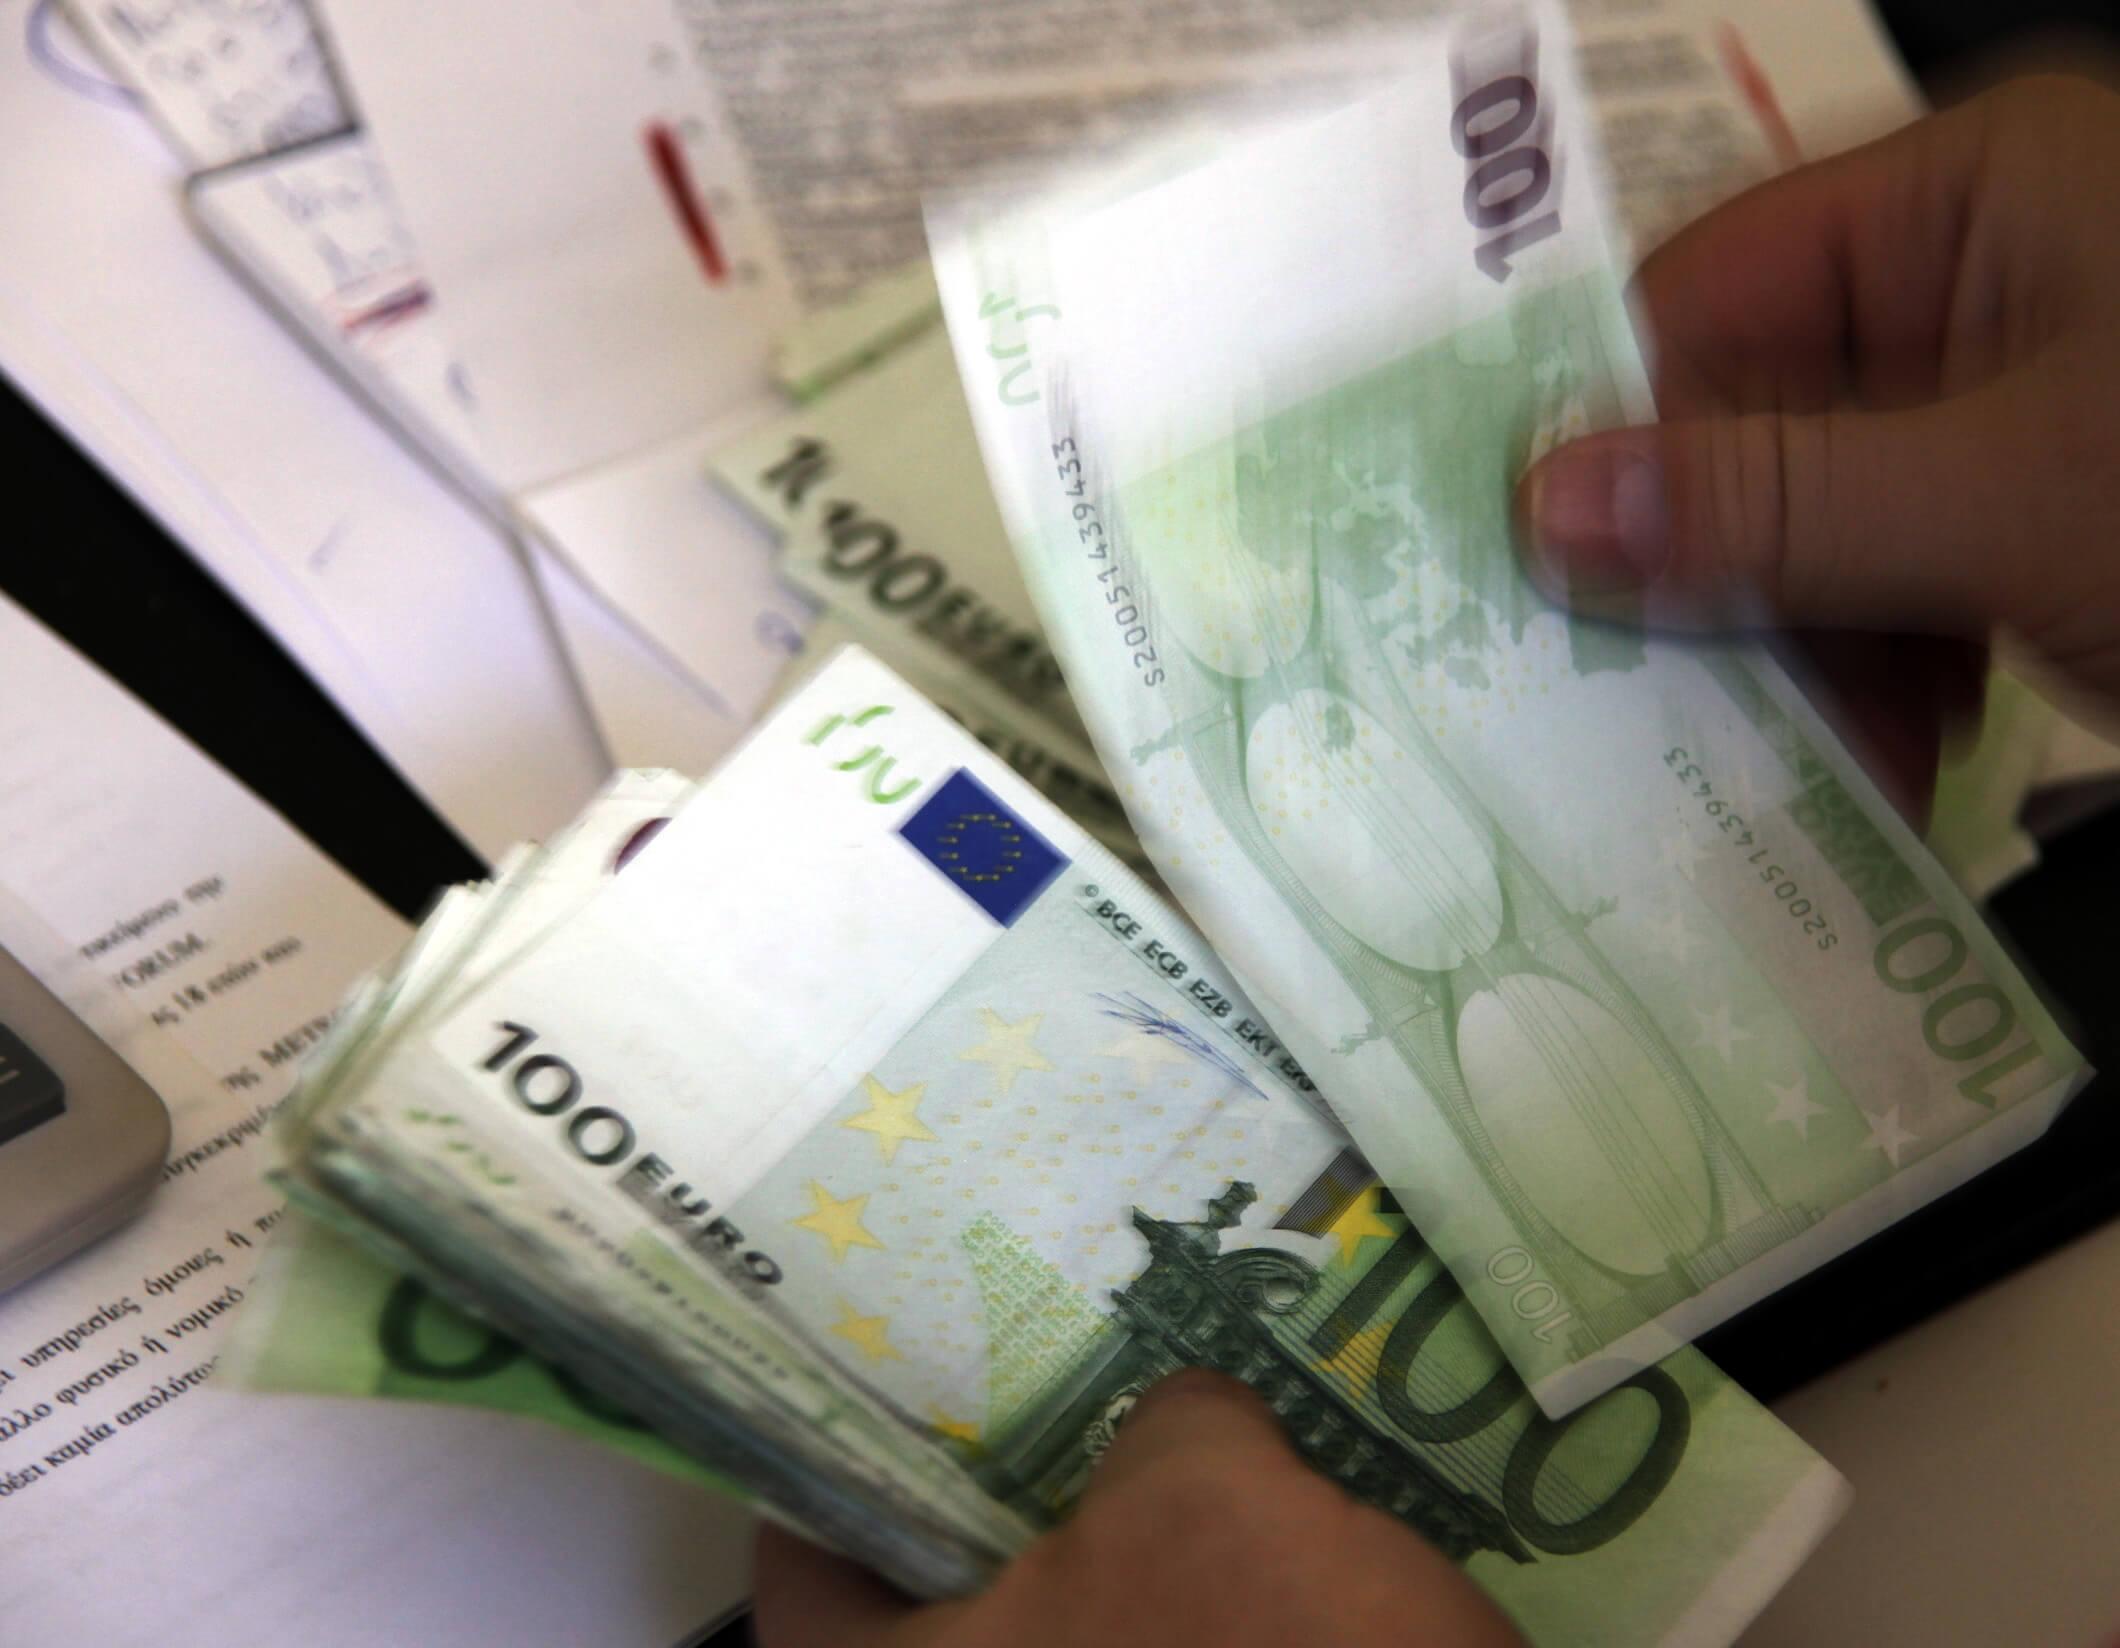 Μισό ΑΕΠ χρωστούν σε Εφορία και Ταμεία πάνω από τους μισούς Έλληνες φορολογούμενους